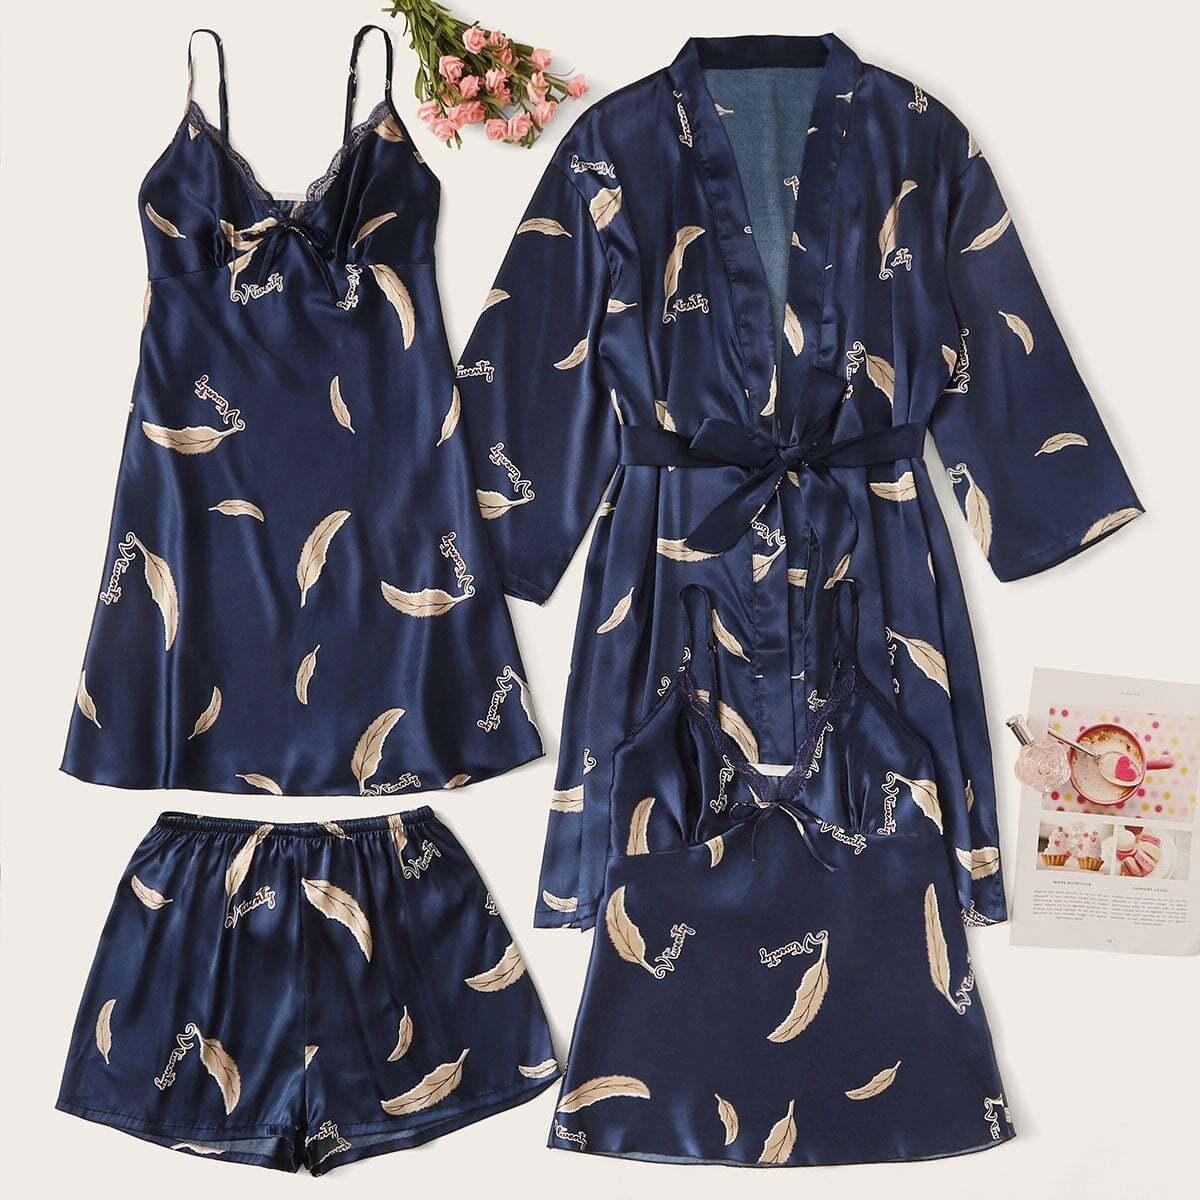 Атласное платье, пижама и халат с принтом